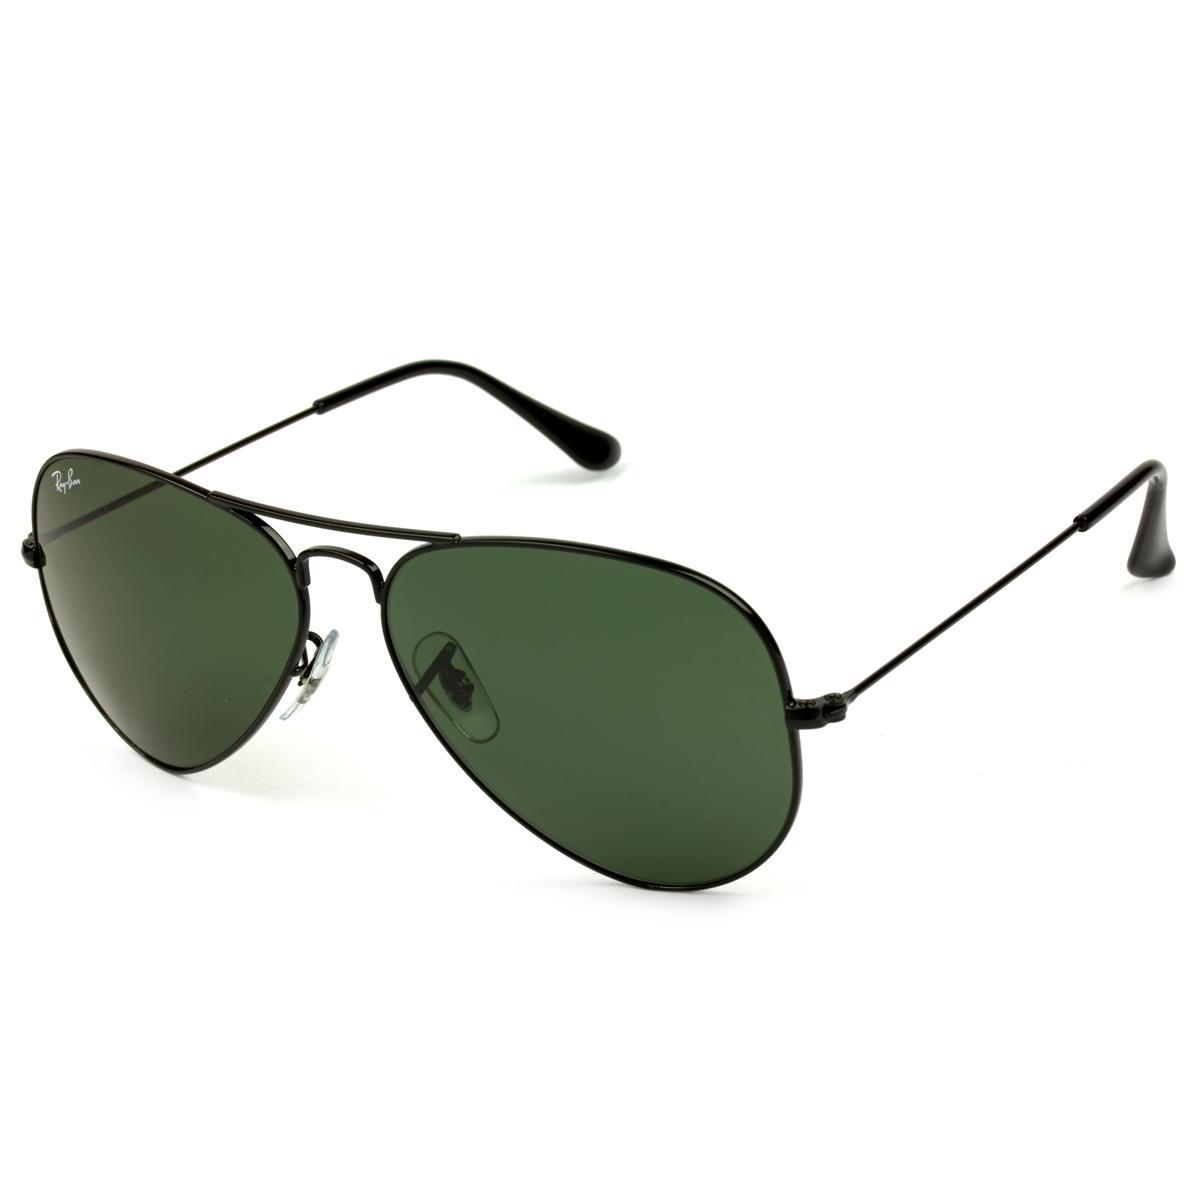 Óculos de Sol Ray-Ban Aviador RB3025L 002 58 Polarizado - Óculos de ... f03c3842f0c40